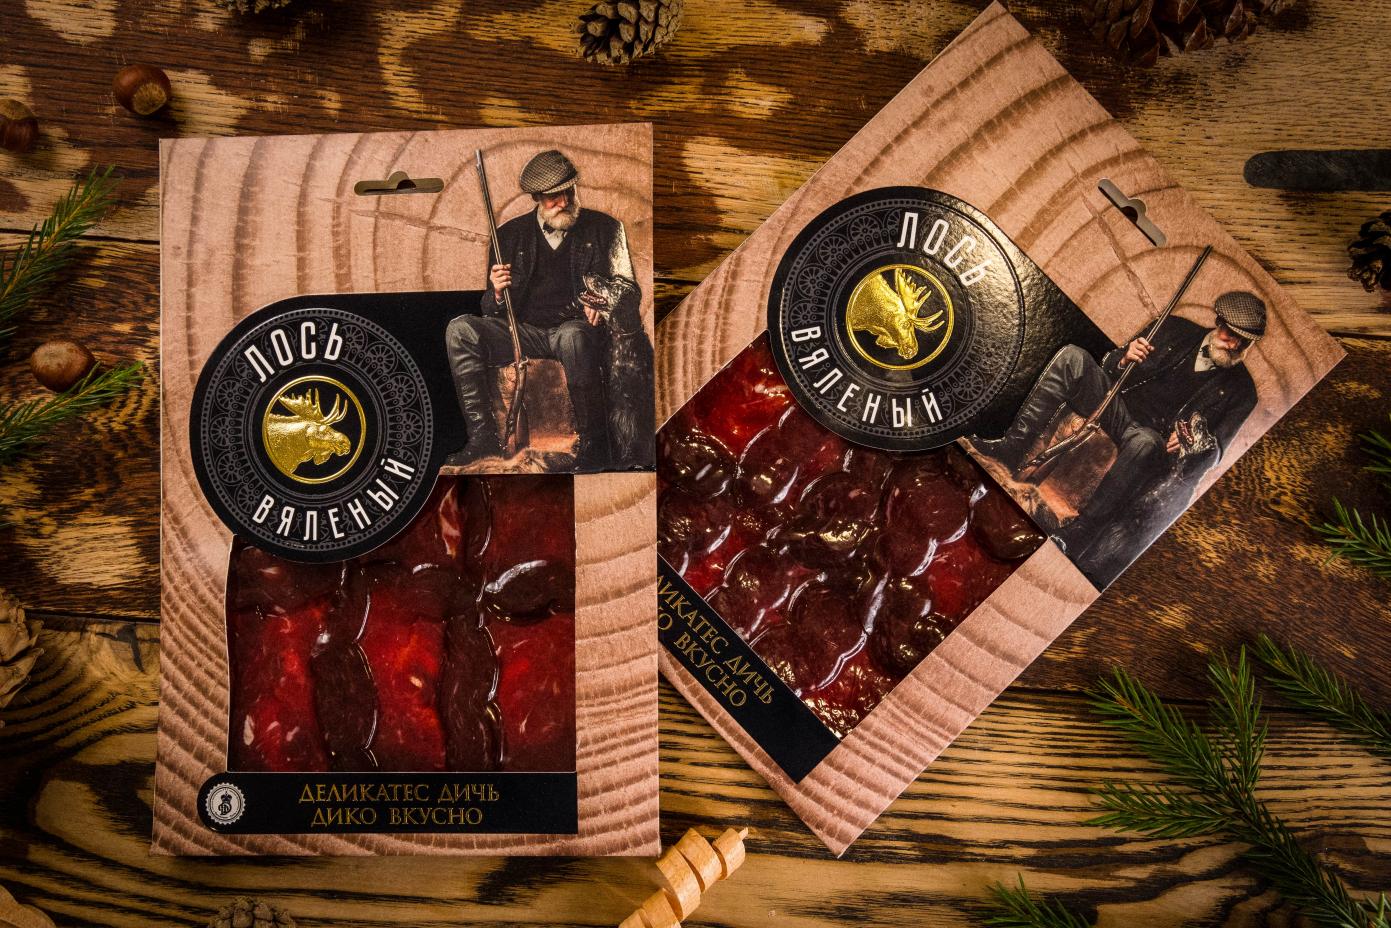 Нарезка из мяса Лося в подарочной упаковке 100г